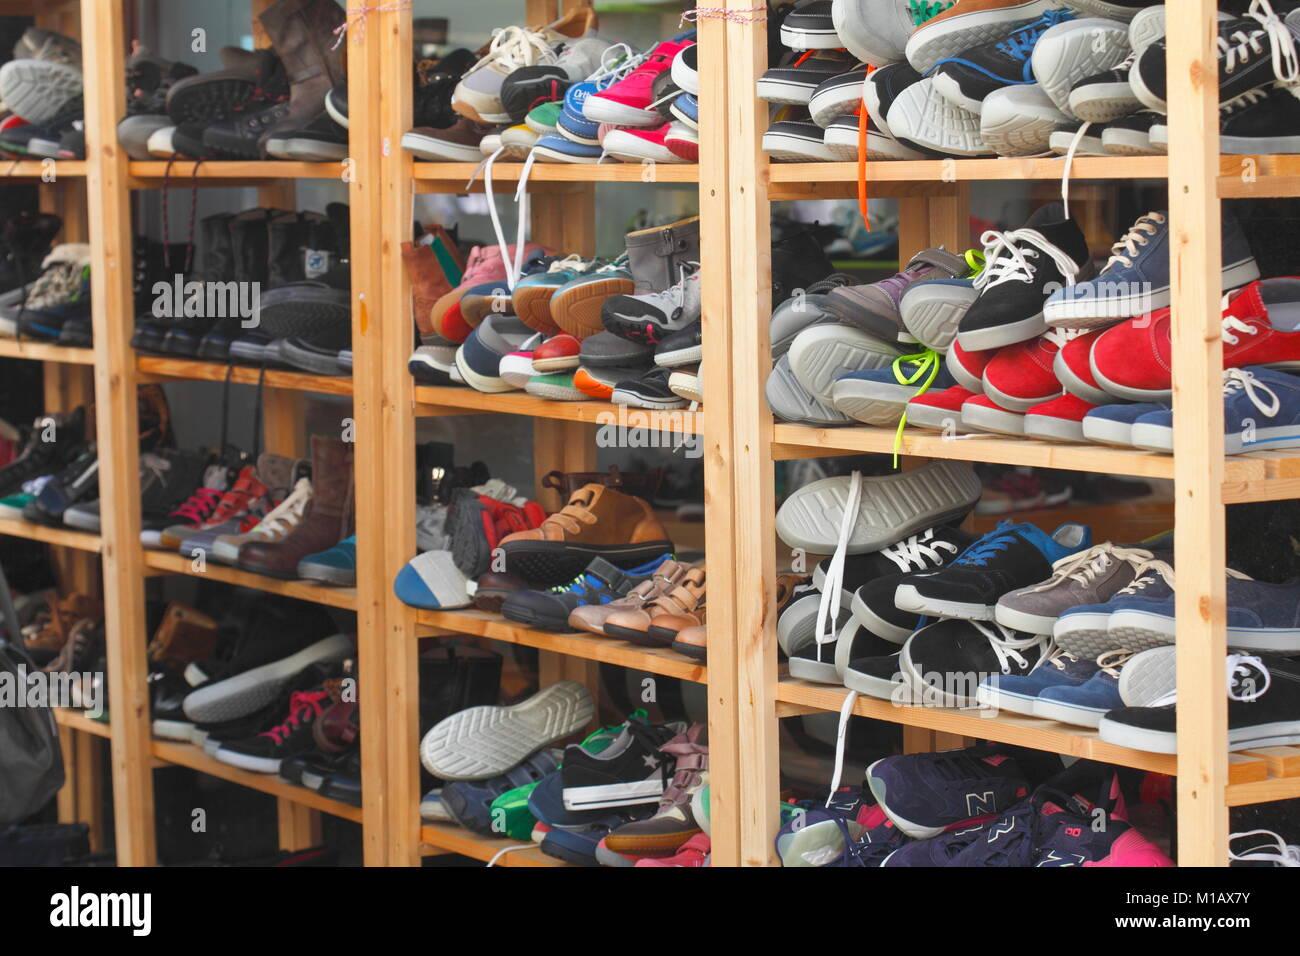 Schuh regal mit Sommer Schuhe vor ein Schuhgeschäft, Oldenburg in Oldenburg, Niedersachsen, Deutschland, Europa Stockbild